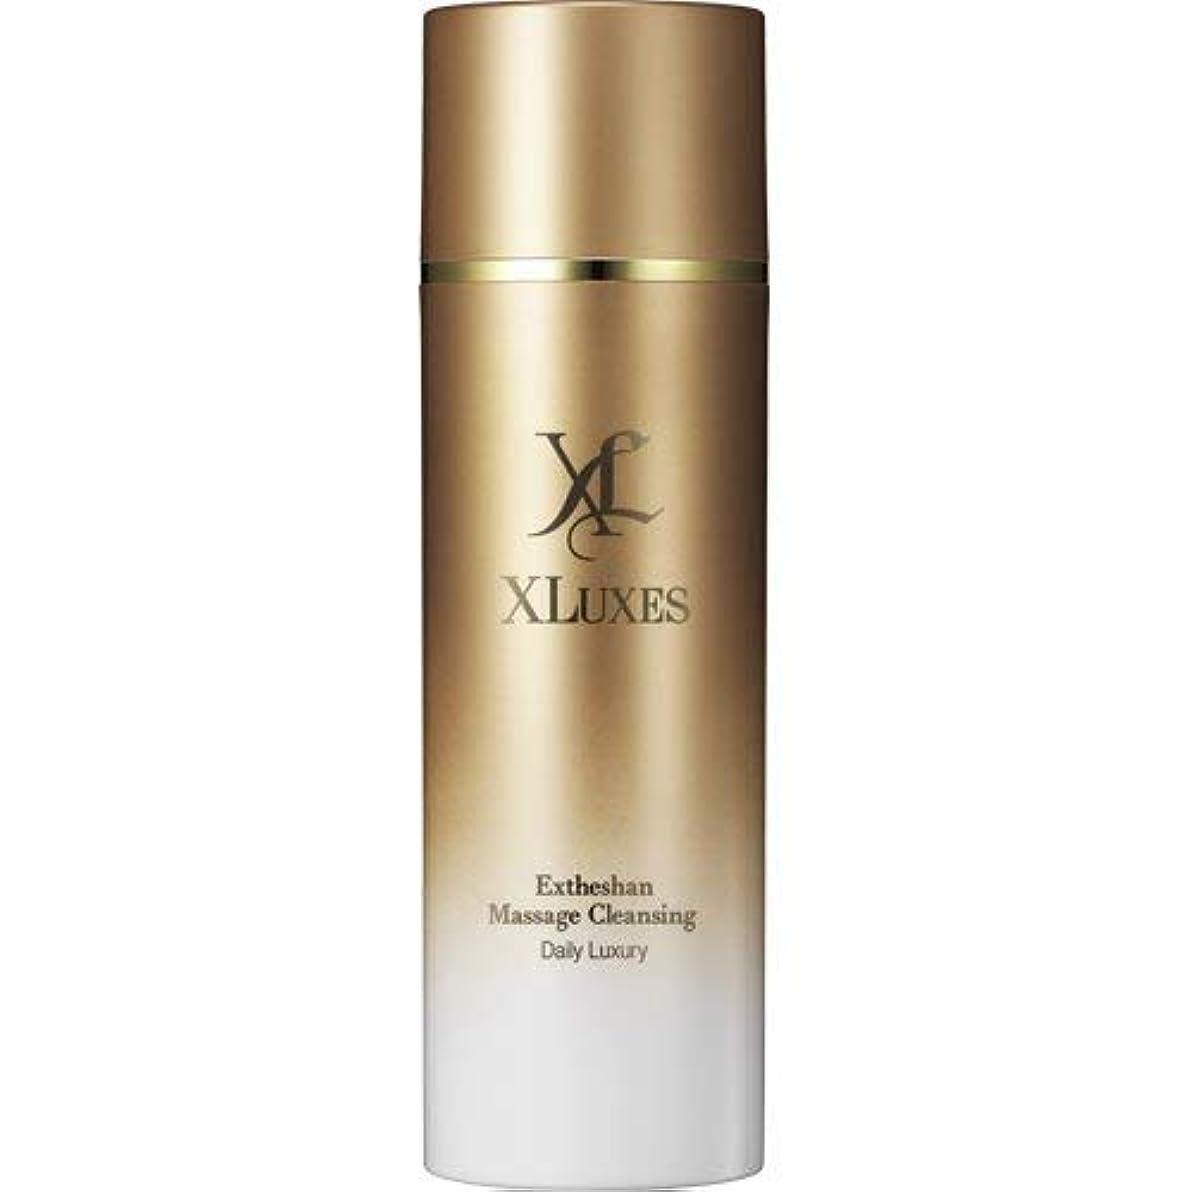 和解するフィードオン風が強いXLUXES クレンジング [ヒト幹細胞 培養液配合] エグゼティシャン マッサージクレンジング (ダマスクローズの香り) メイク落とし